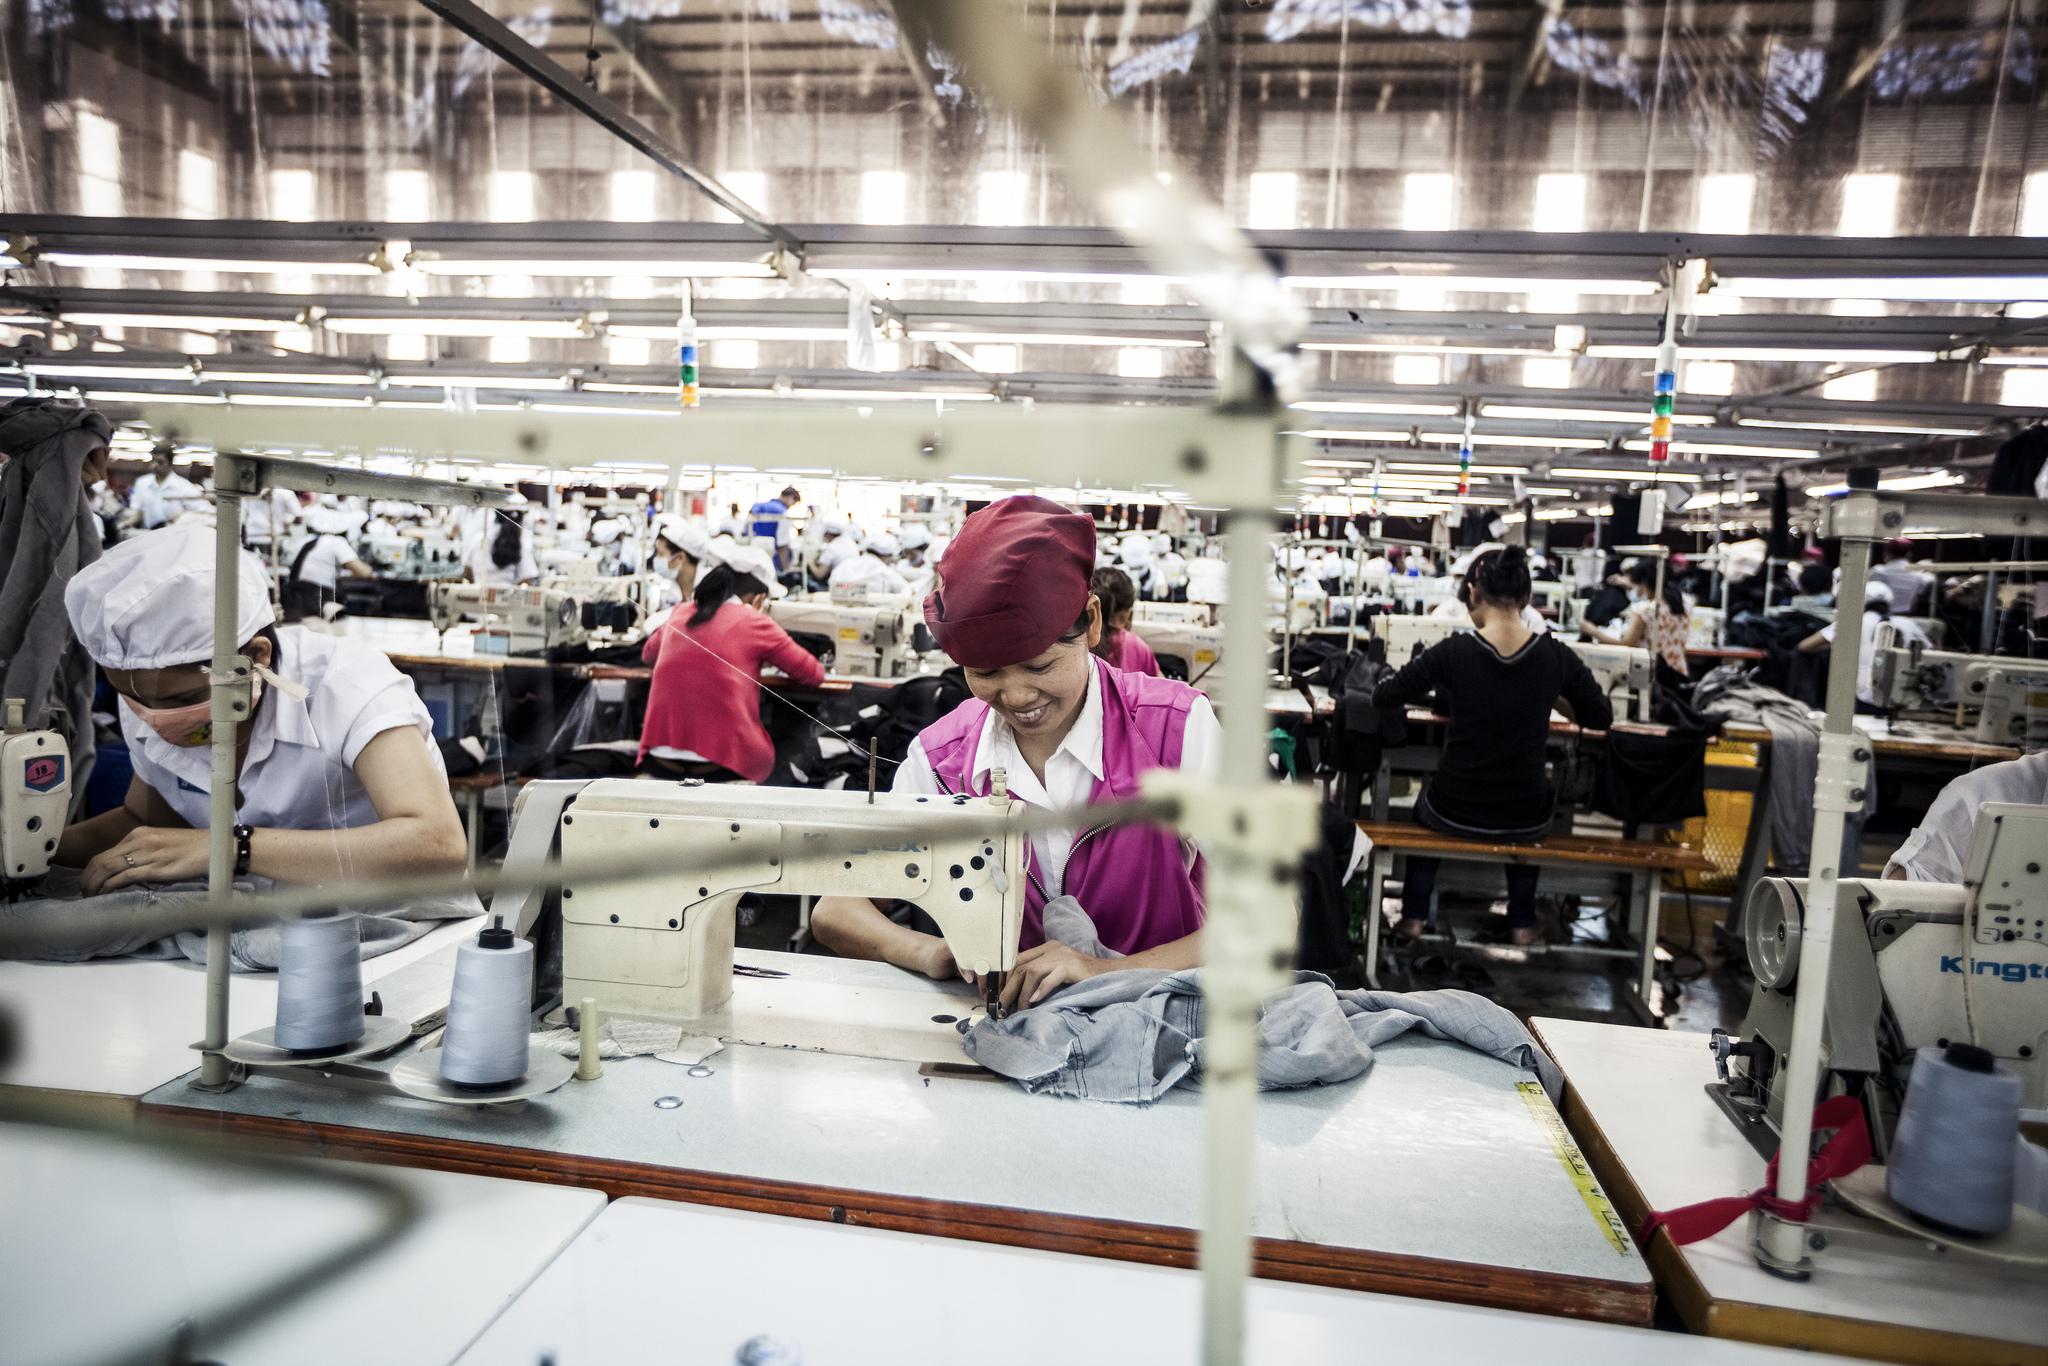 Les tensions commerciales actuelles entre les États-Unis et la Chine ont entraîné une hausse des investissements en Asie du Sud-Est